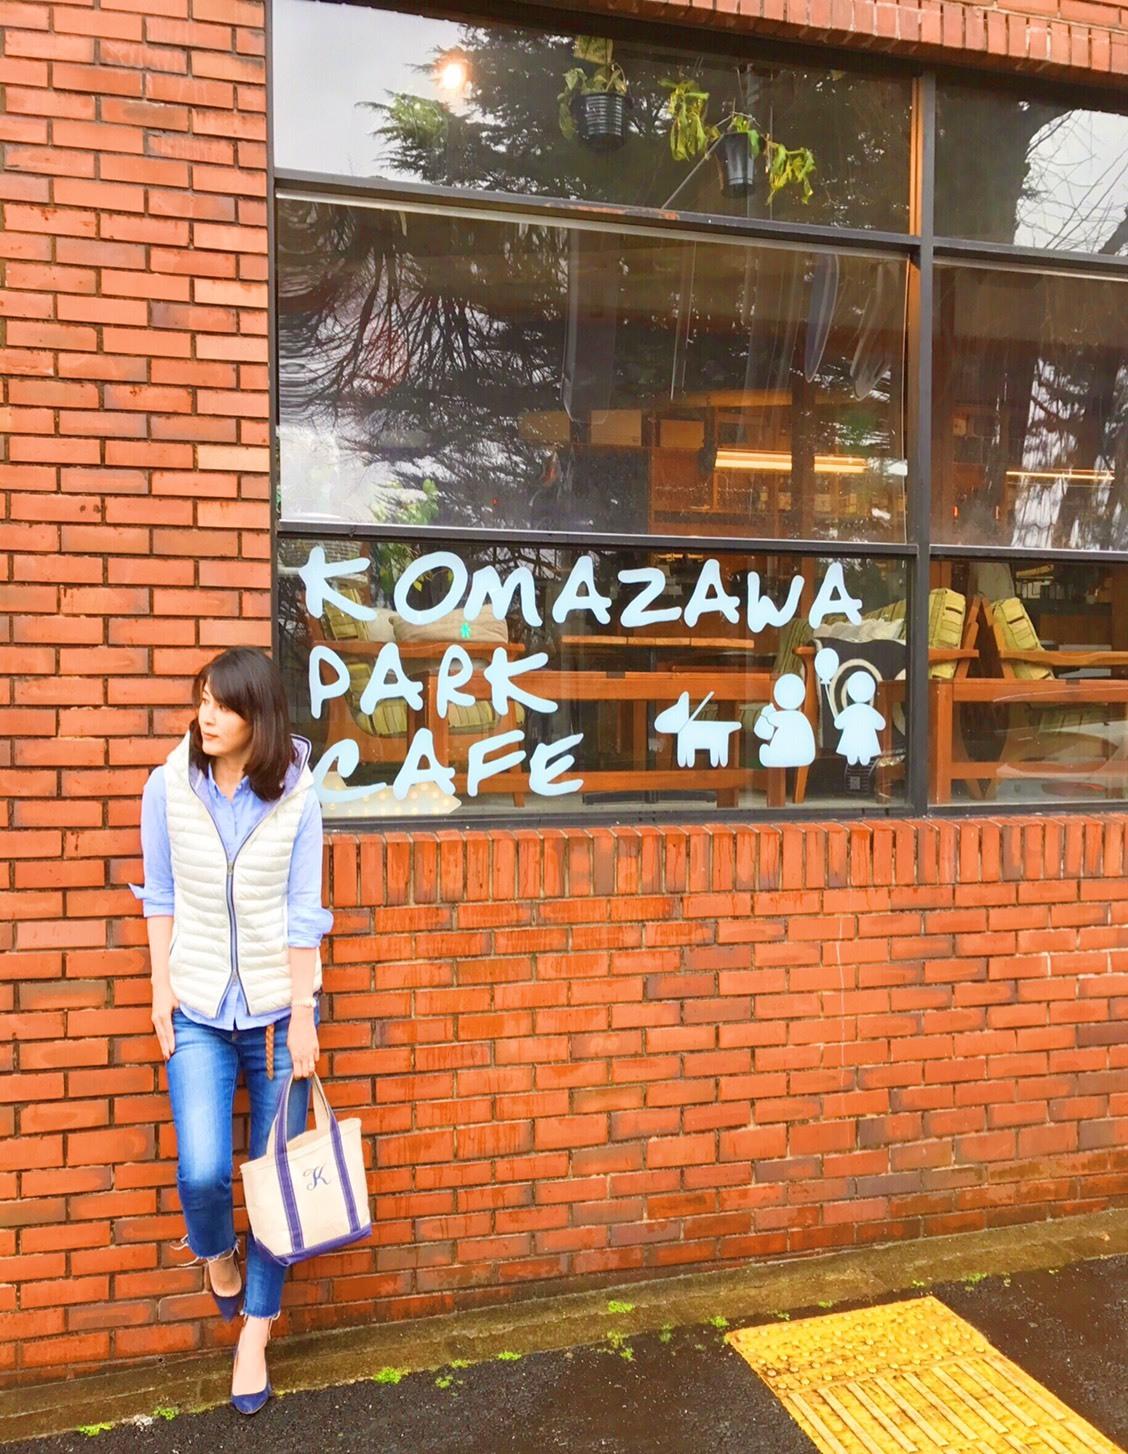 KOMAZAWAカフェ事情②_1_3